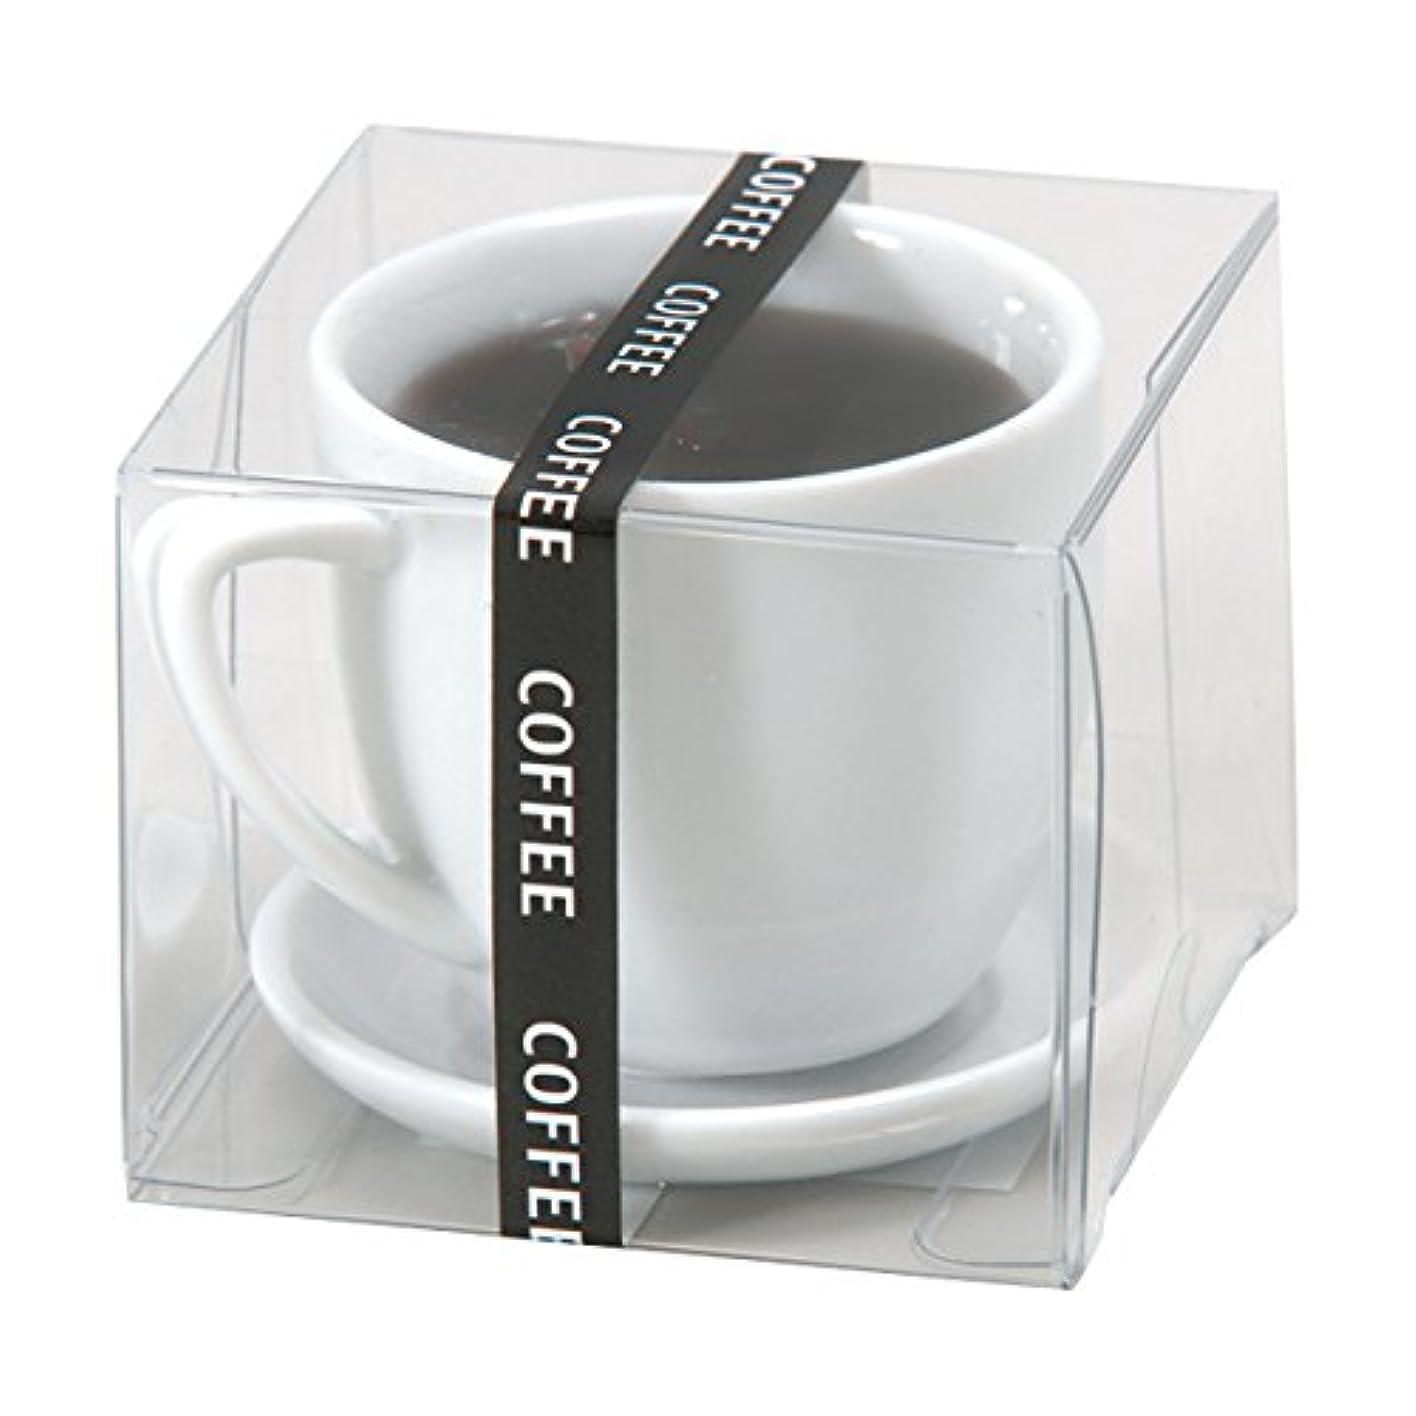 挨拶する出席する栄光のホットコーヒー ローソク